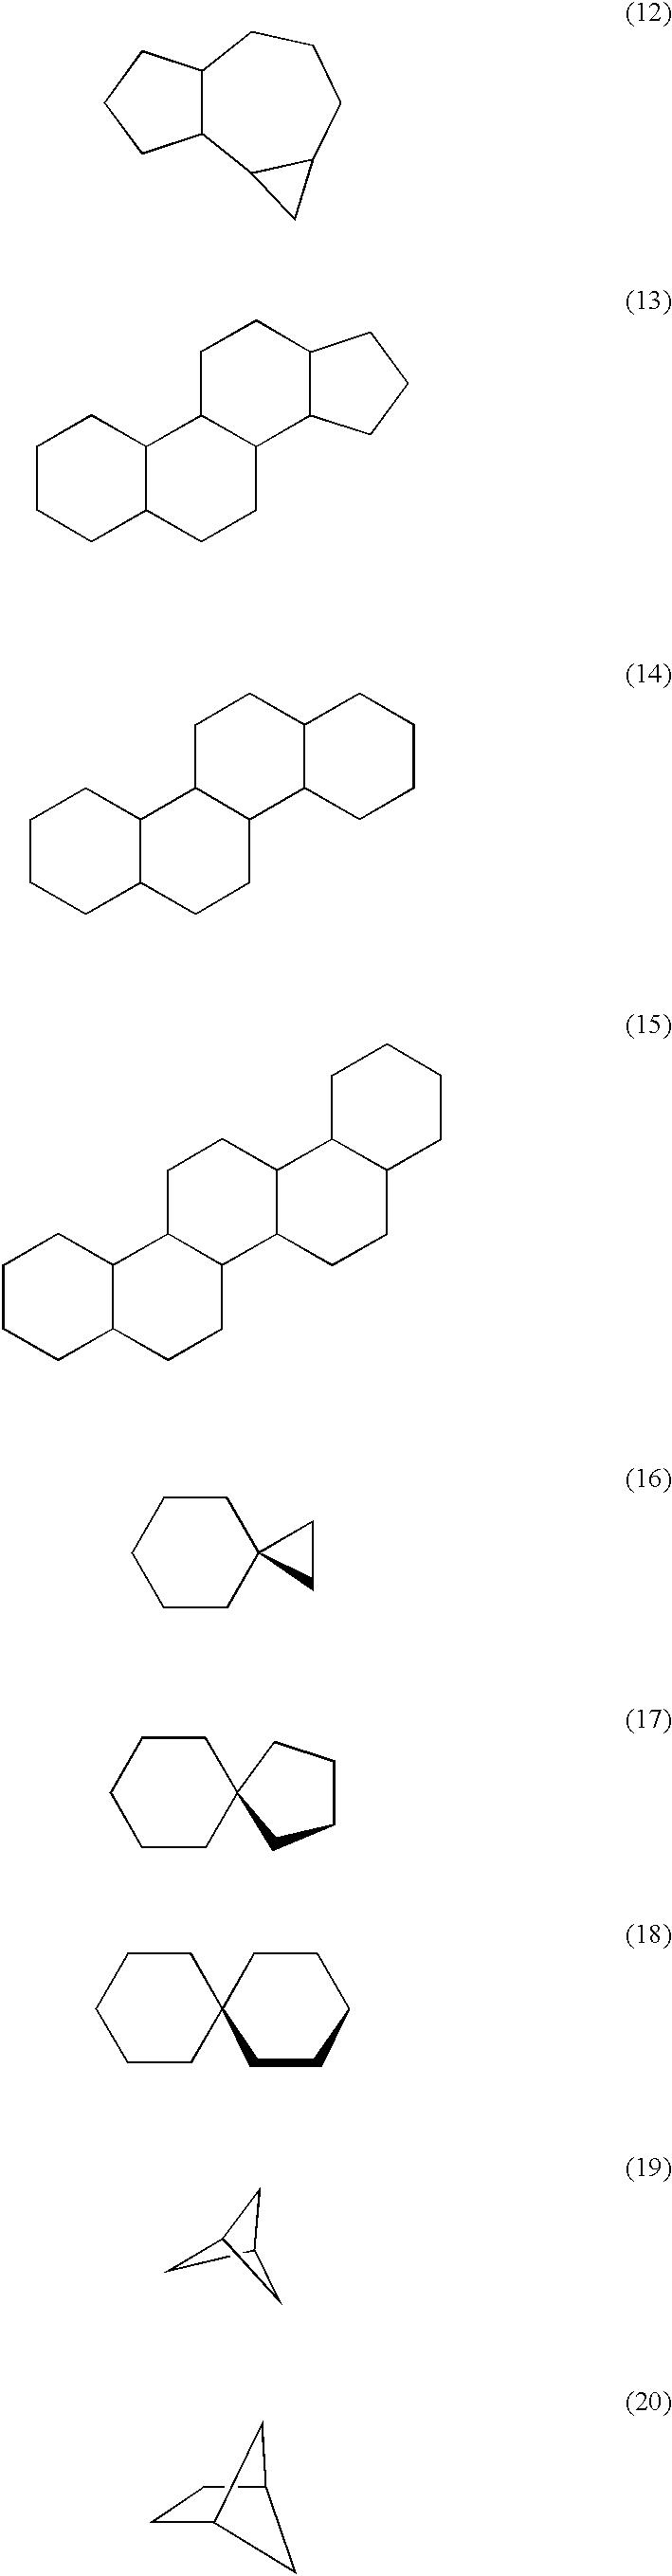 Figure US20030186161A1-20031002-C00041